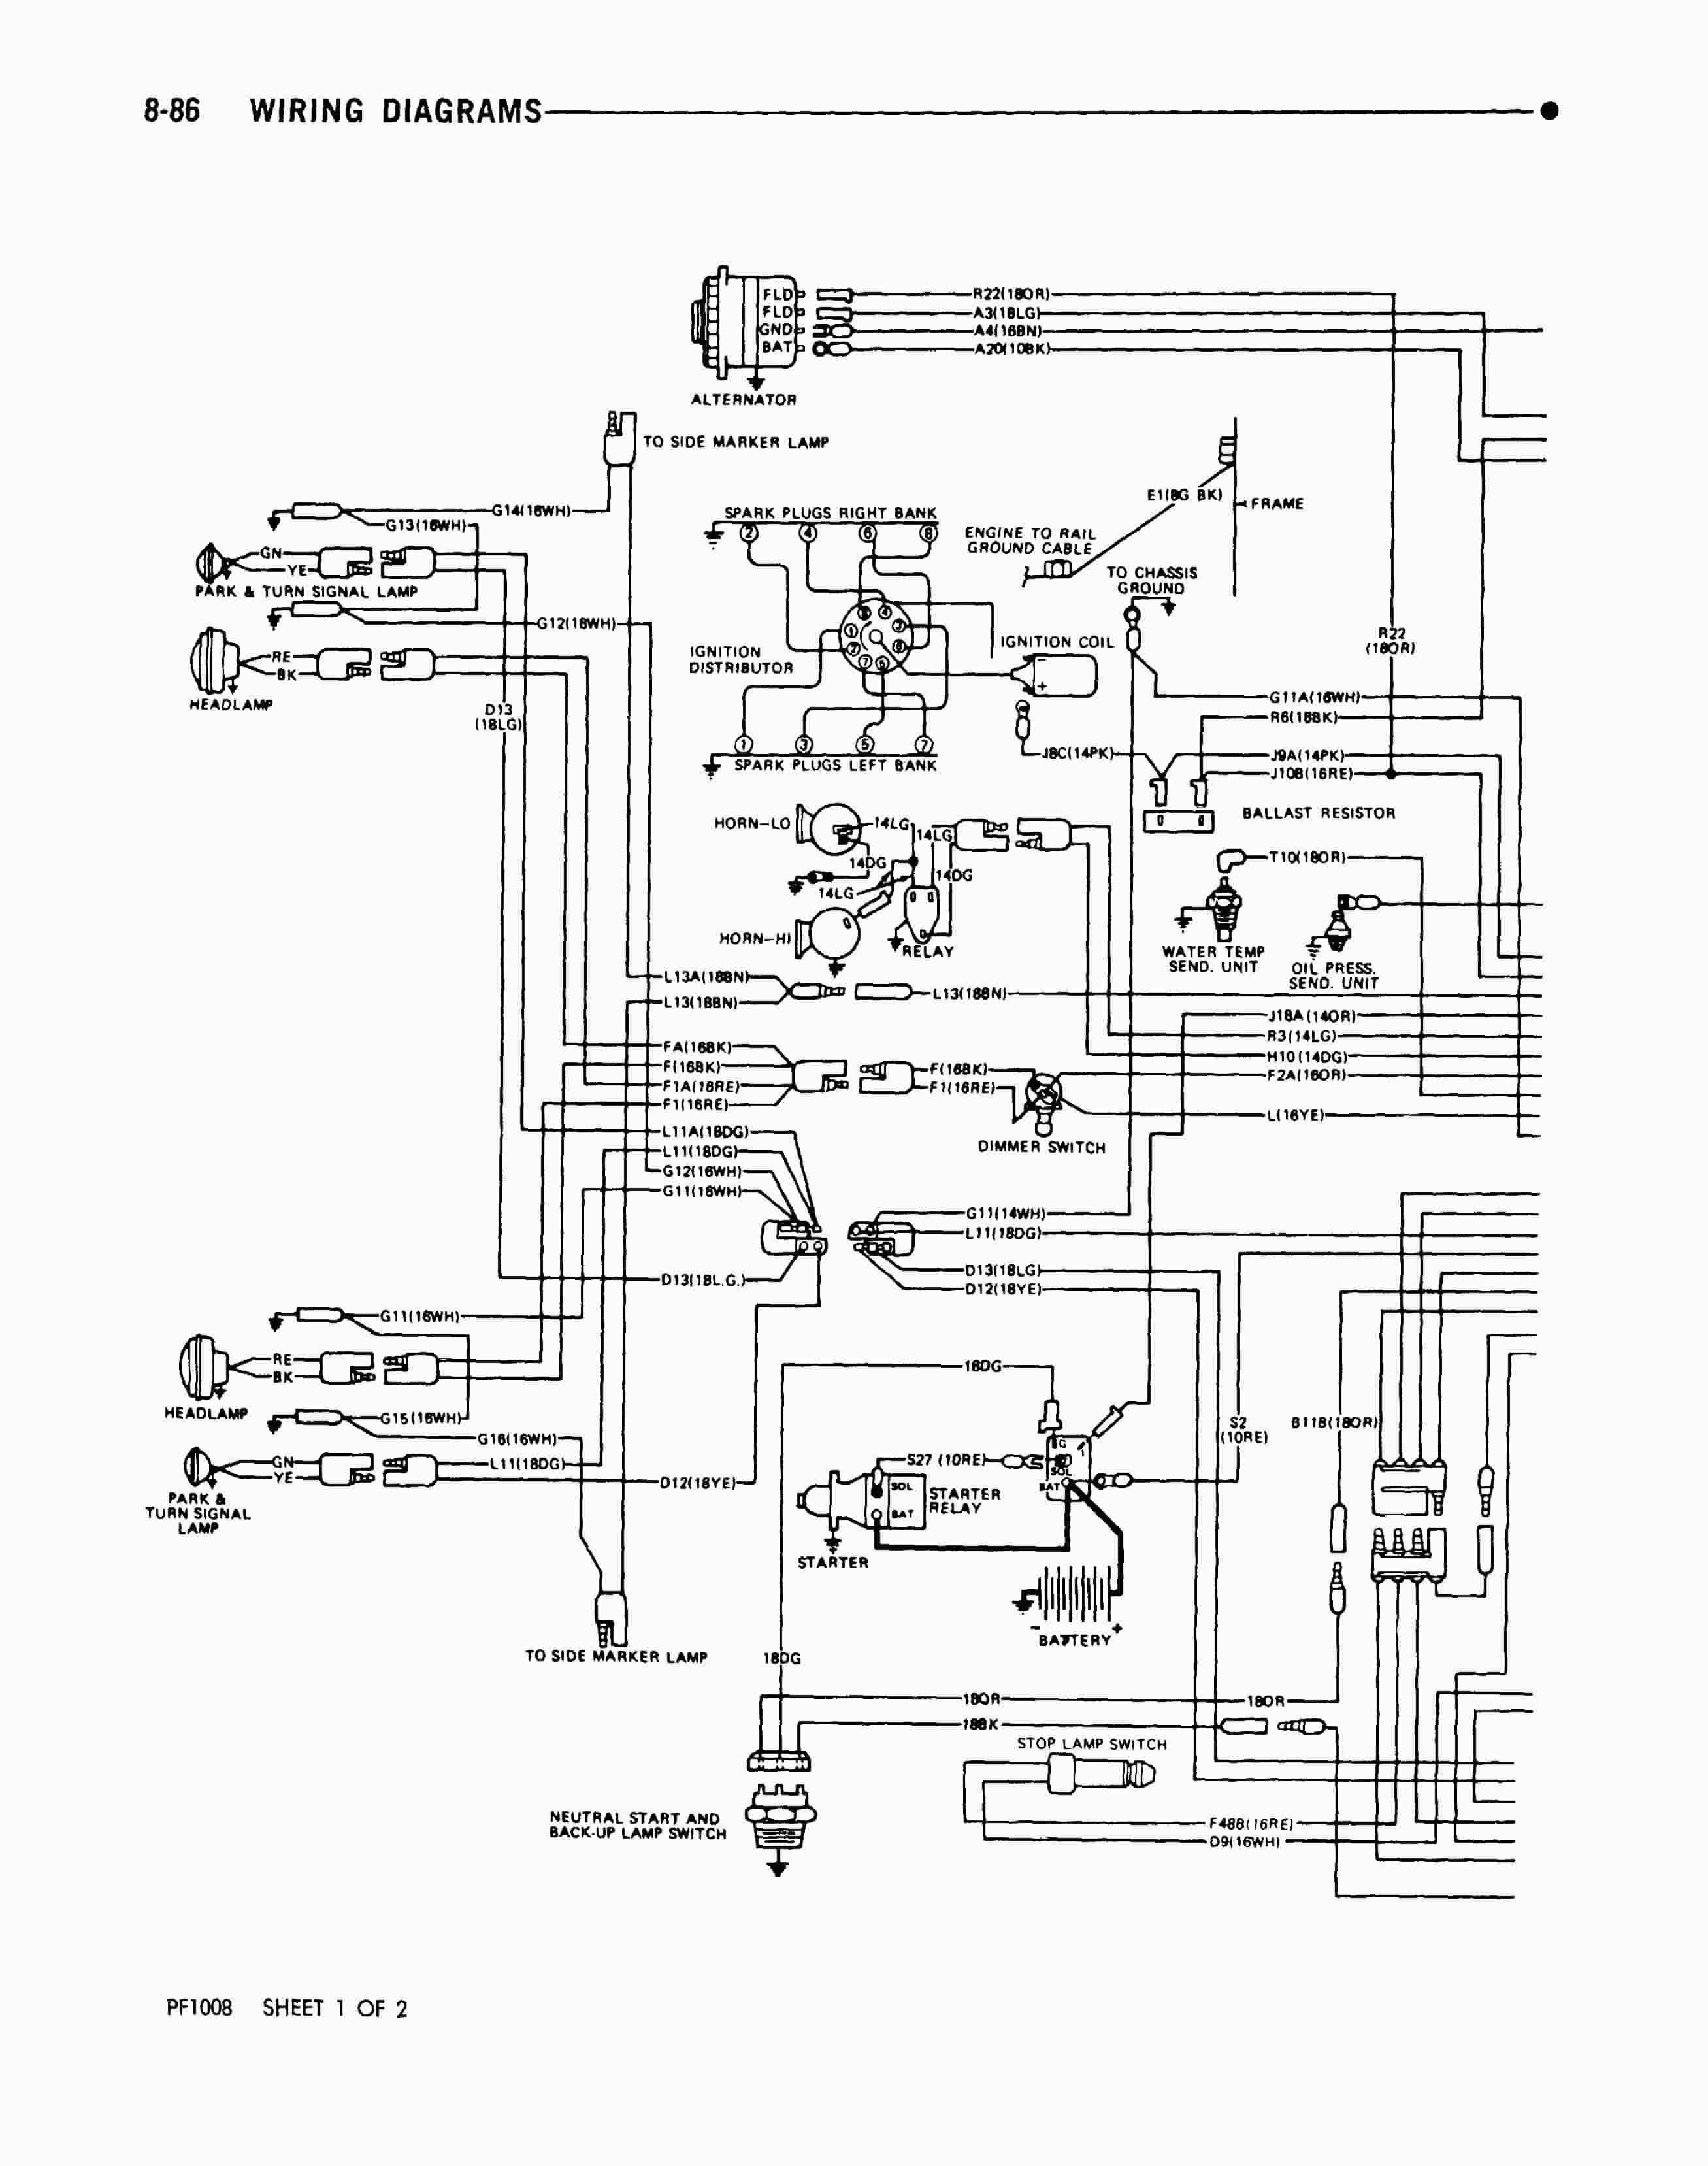 Winnebago Wiring Diagram